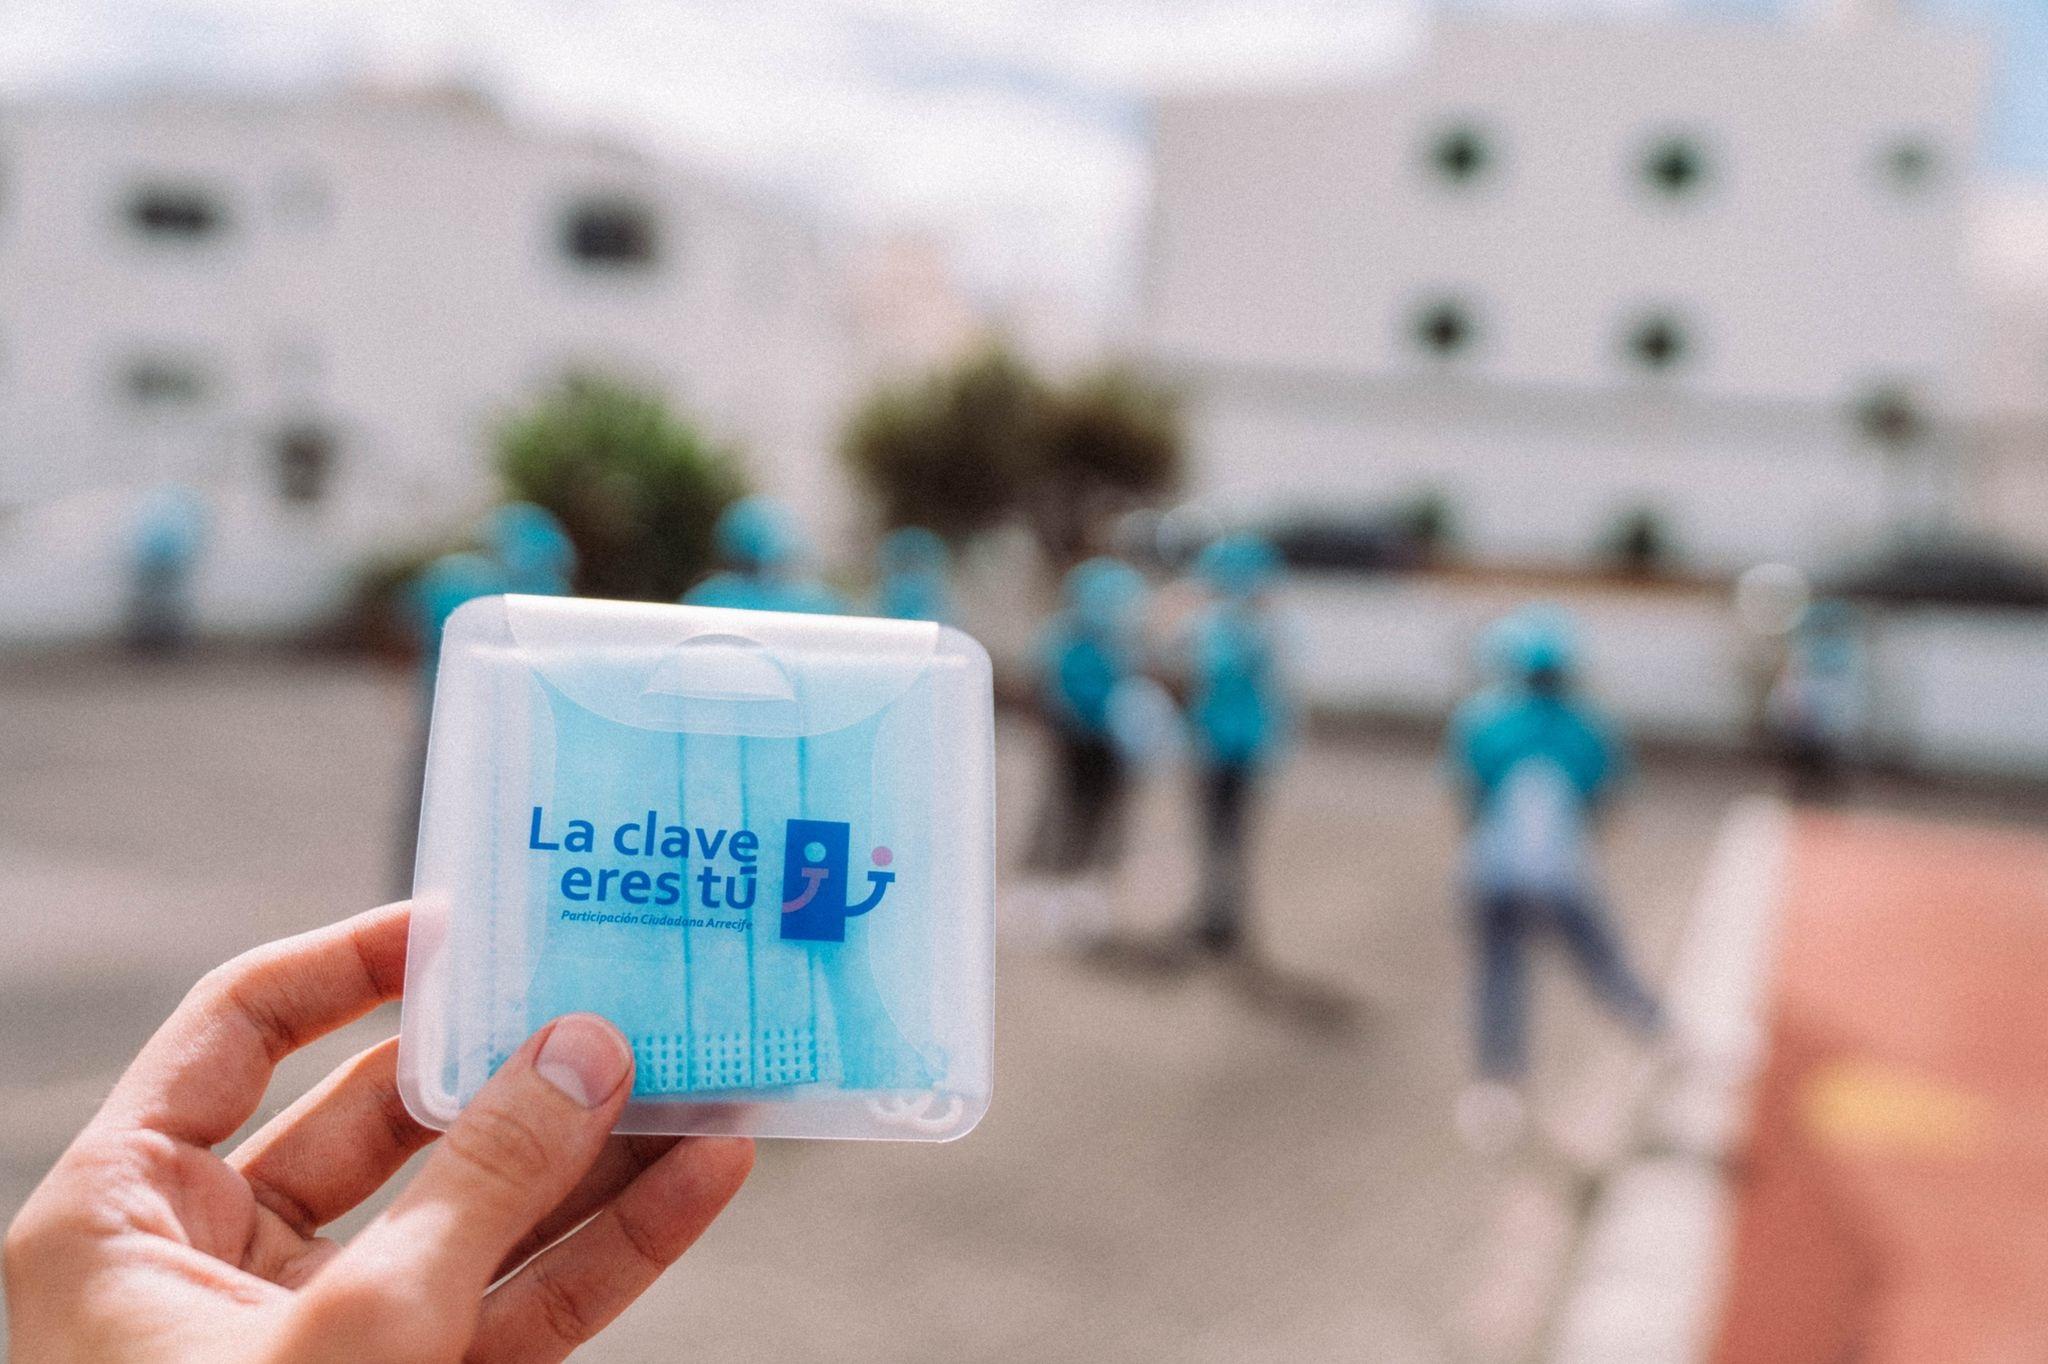 Arrecife despliega en los barrios un equipo de 10 informadores para apoyar la concienciación ciudadana